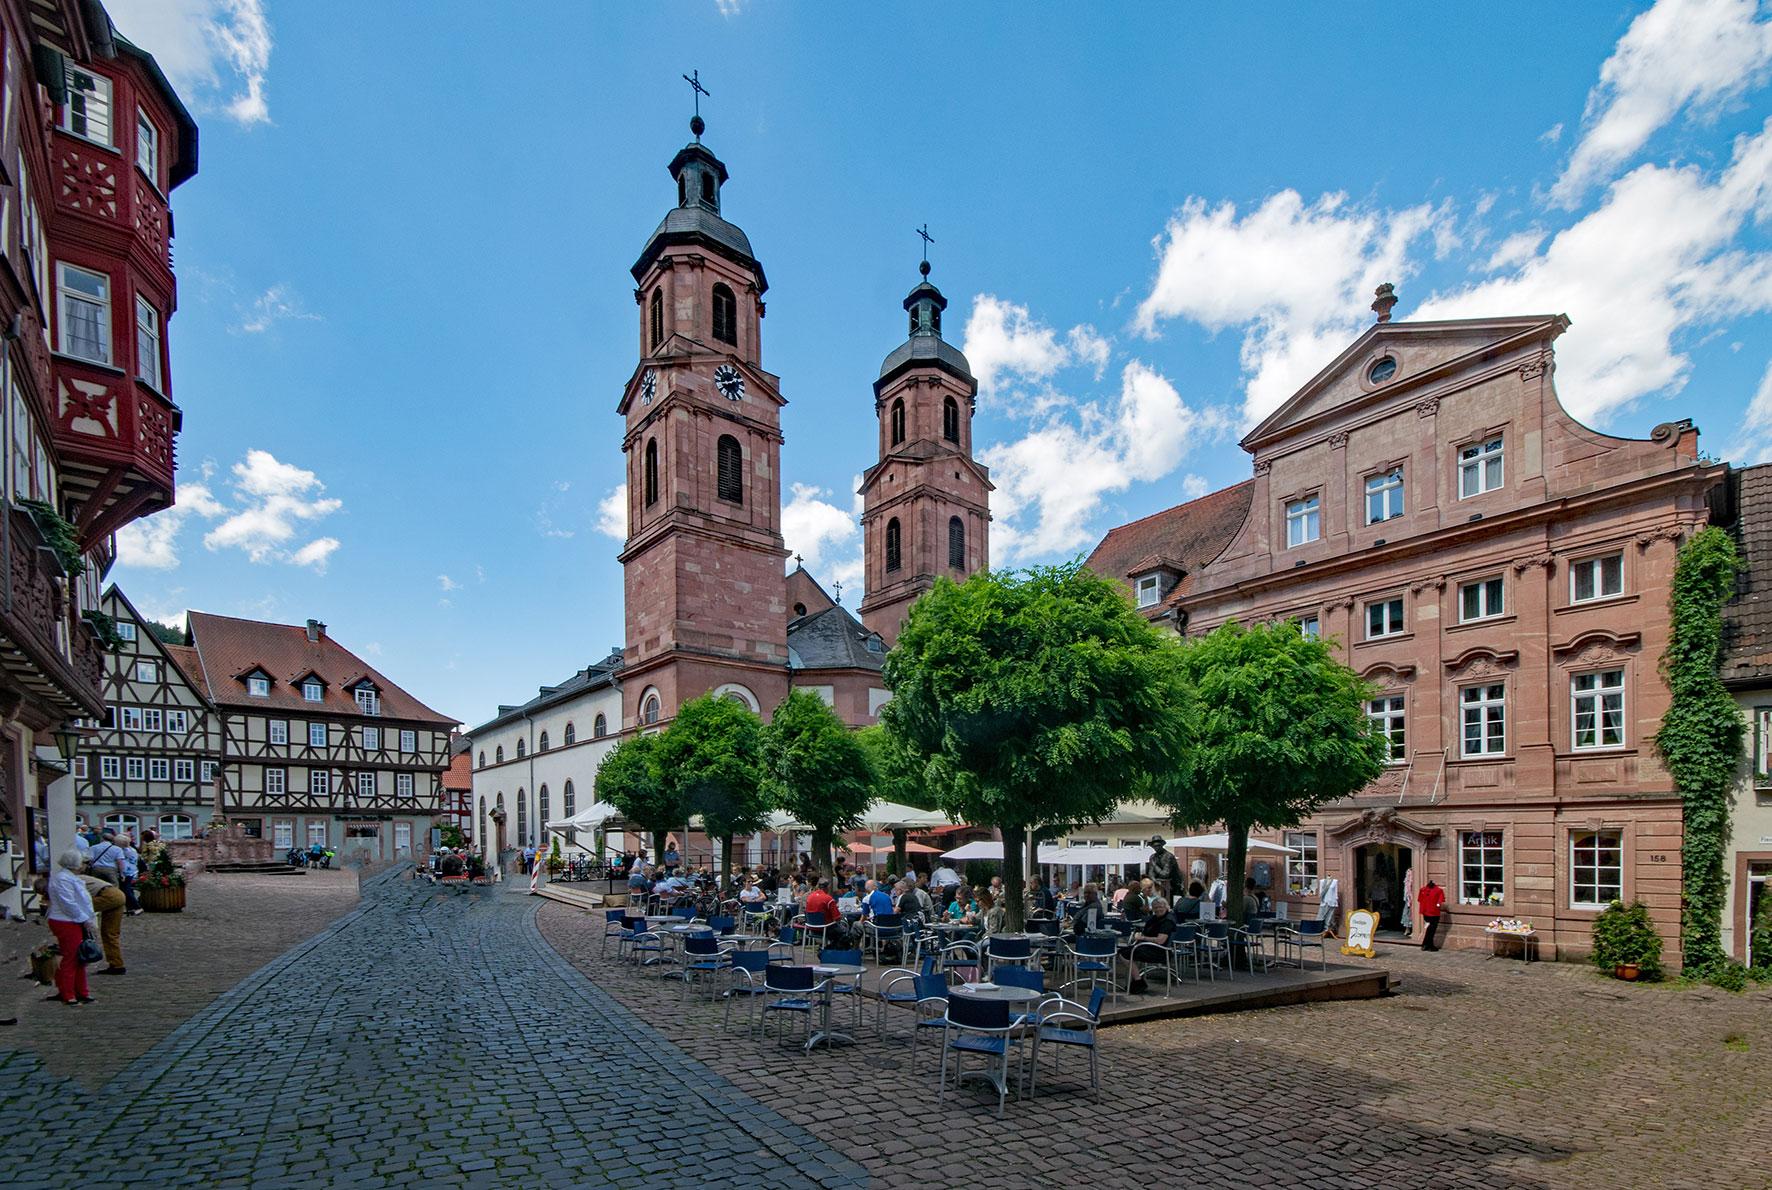 Der Marktplatz mit Pfarrkirche in Miltenberg